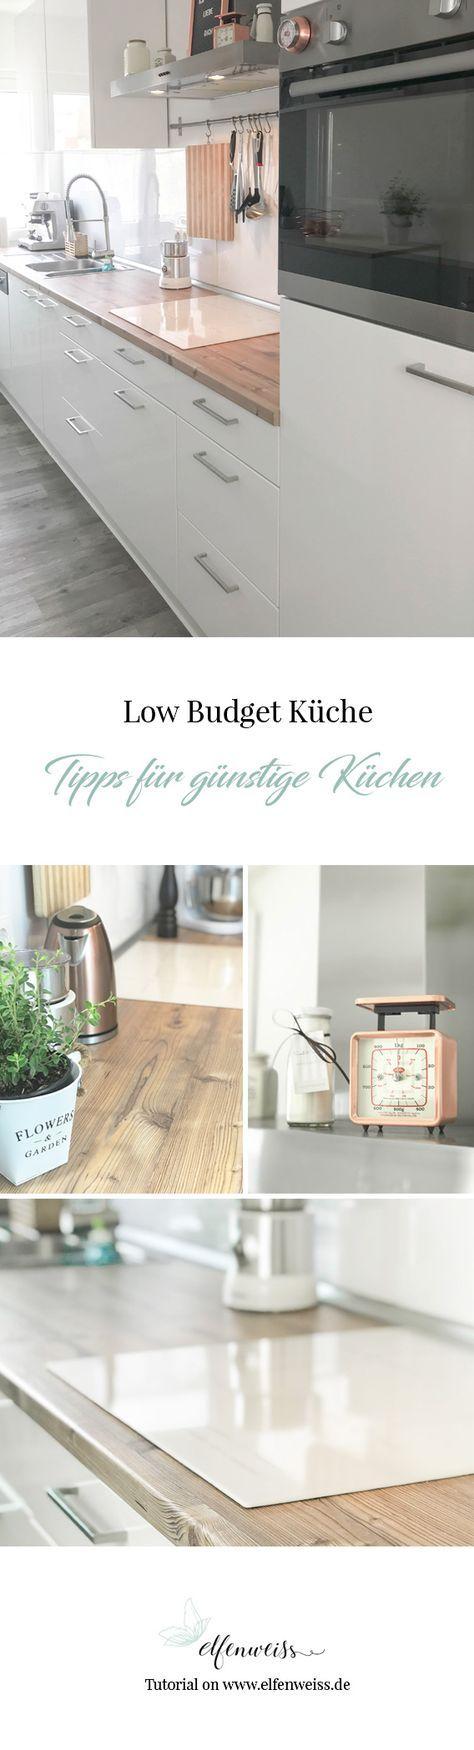 Erfreut Küche Renovieren Kleines Budget Bilder - Ideen Für Die Küche ...